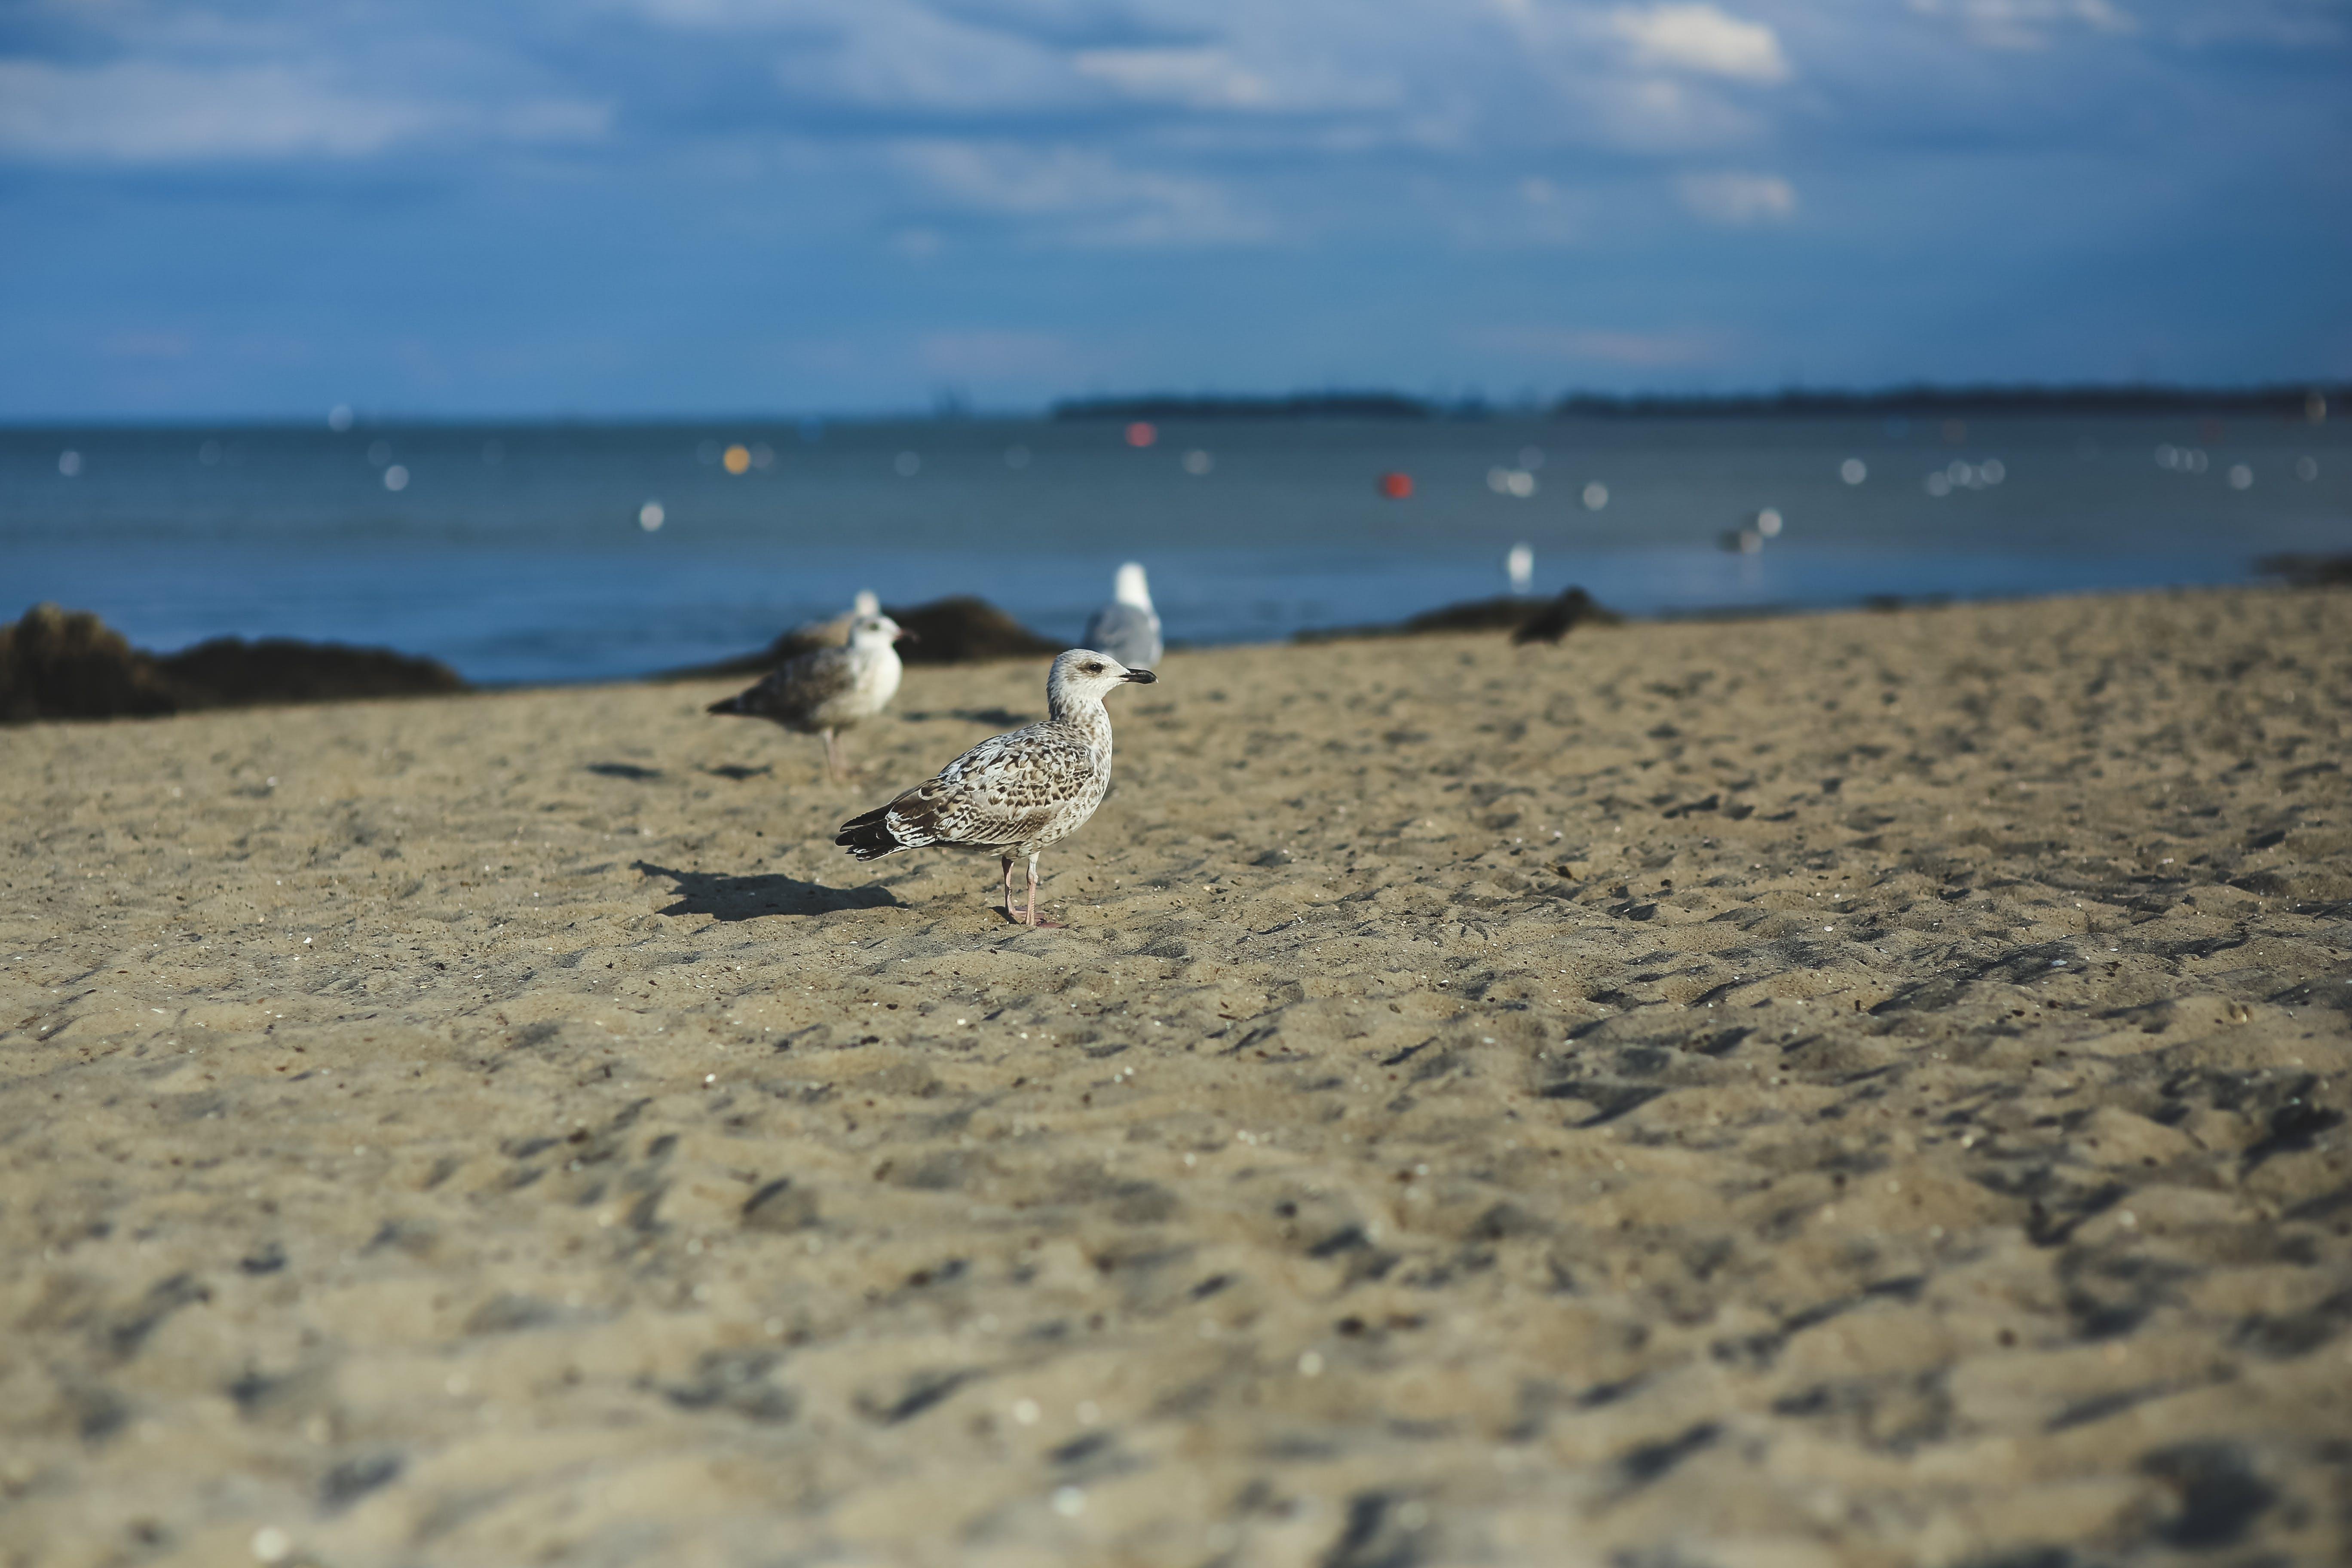 갈매기, 동물, 모래, 물이 있는 경치의 무료 스톡 사진